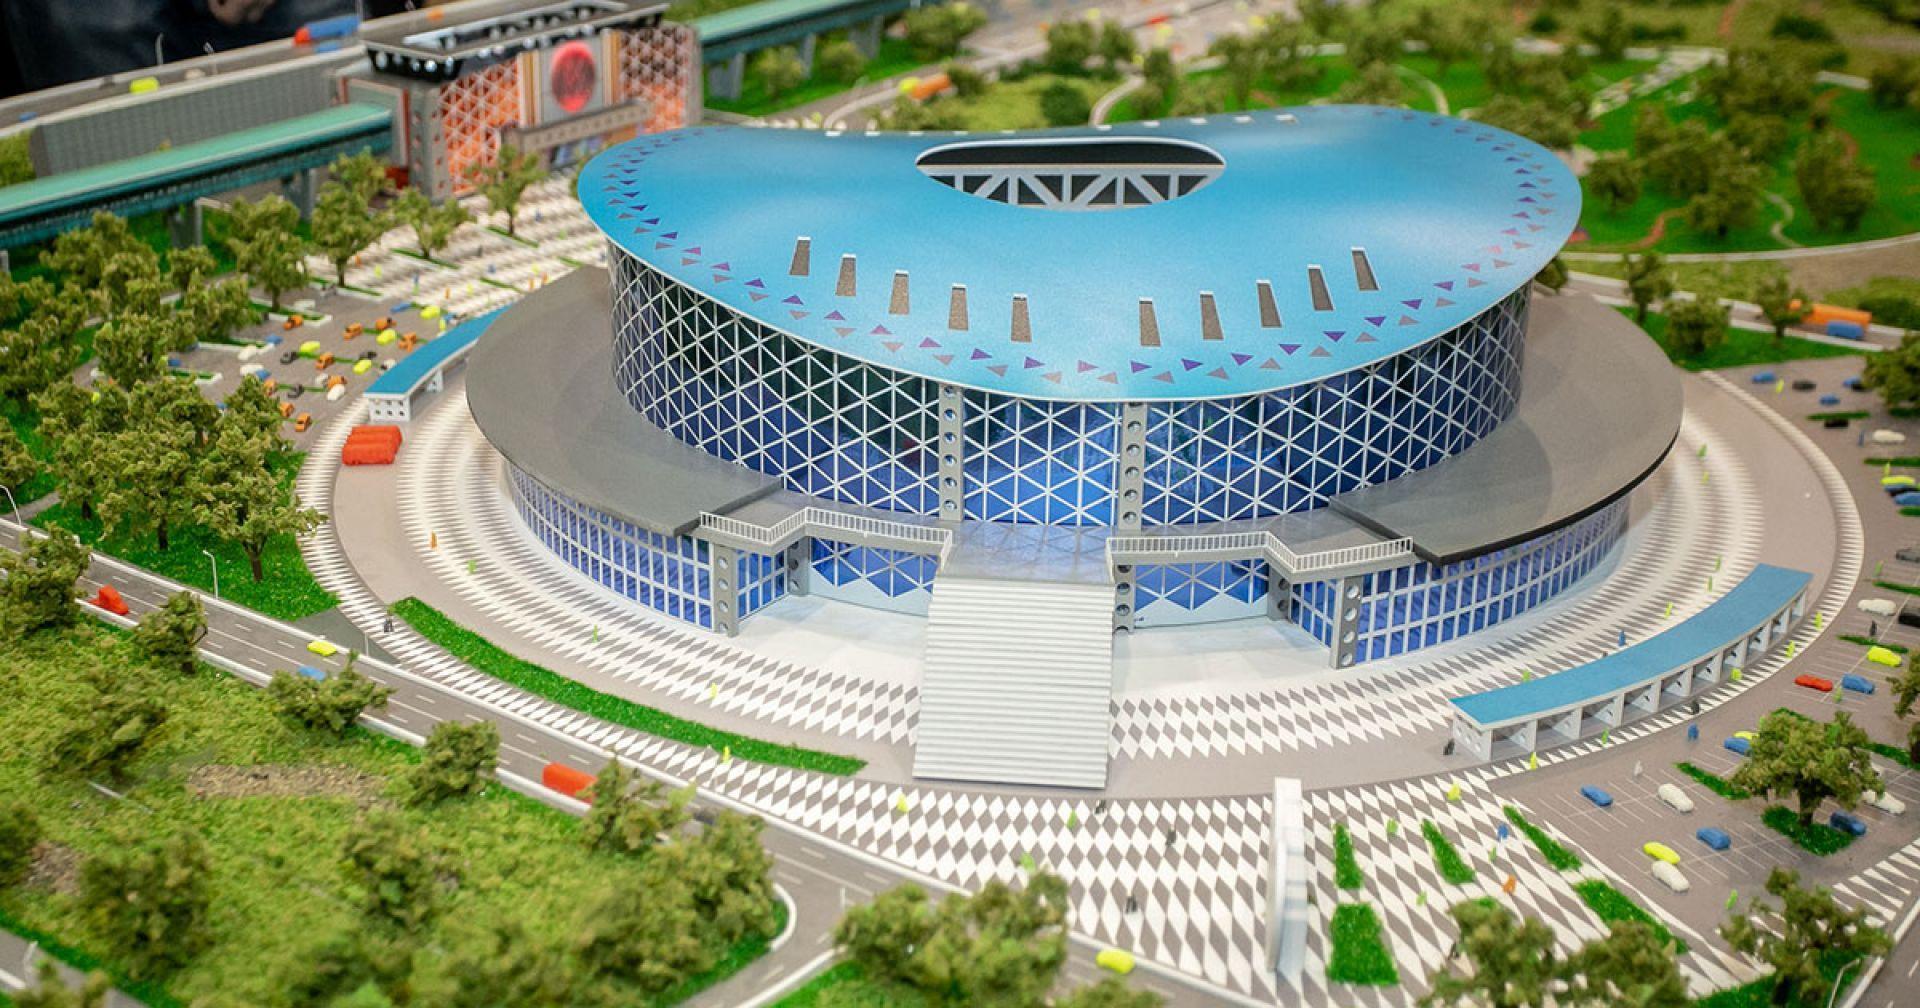 Новосибирск продолжит подготовку к ЧМ по хоккею, «несмотря на политические спекуляции»